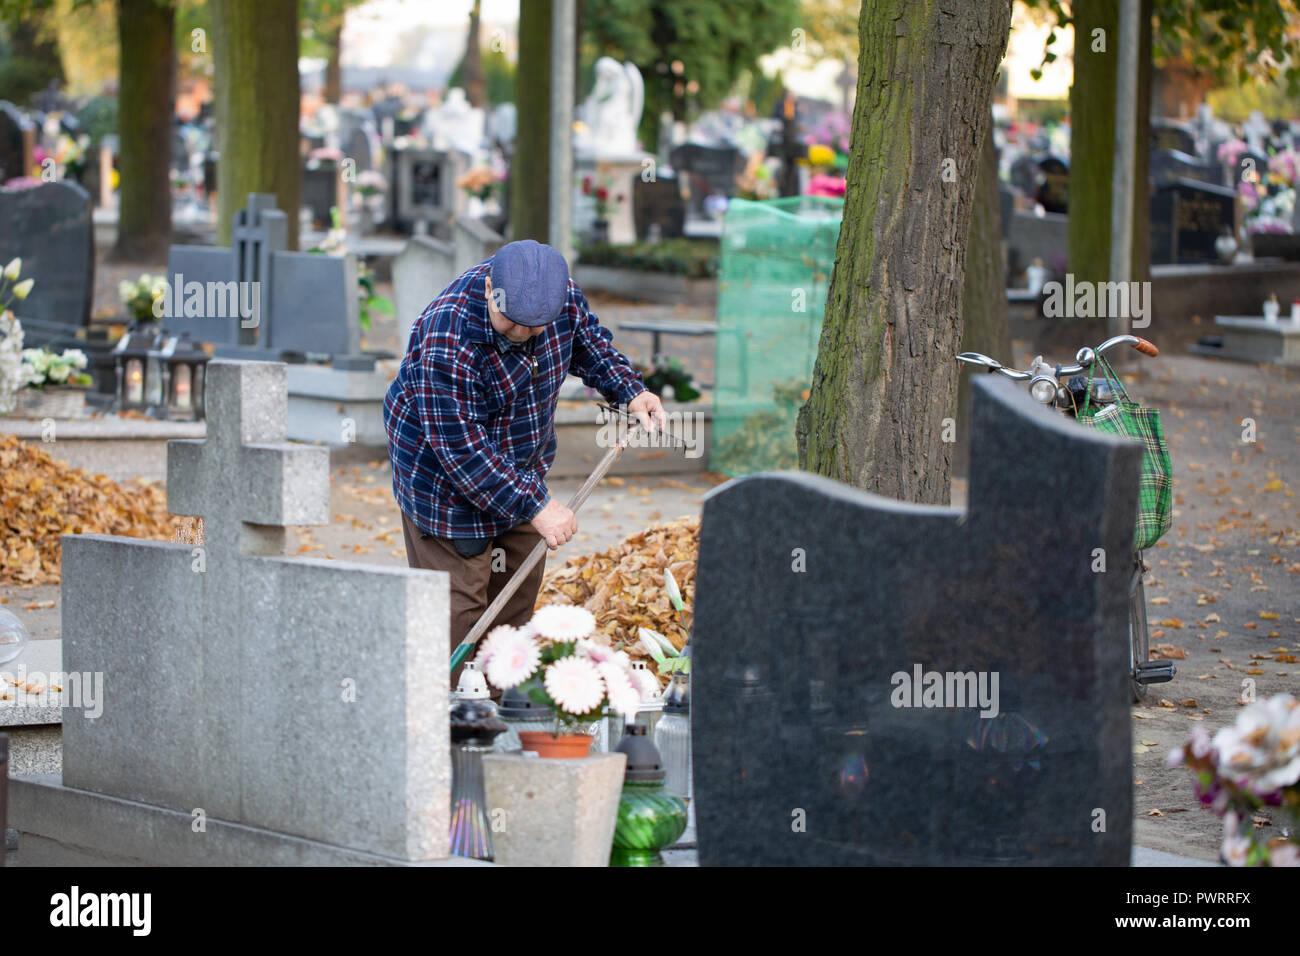 Kostrzyn / Polonia - viejo rastrillar alrededor de una tumba. Cementerio- los preparativos para el Día de Todos Los Santos. Imagen De Stock